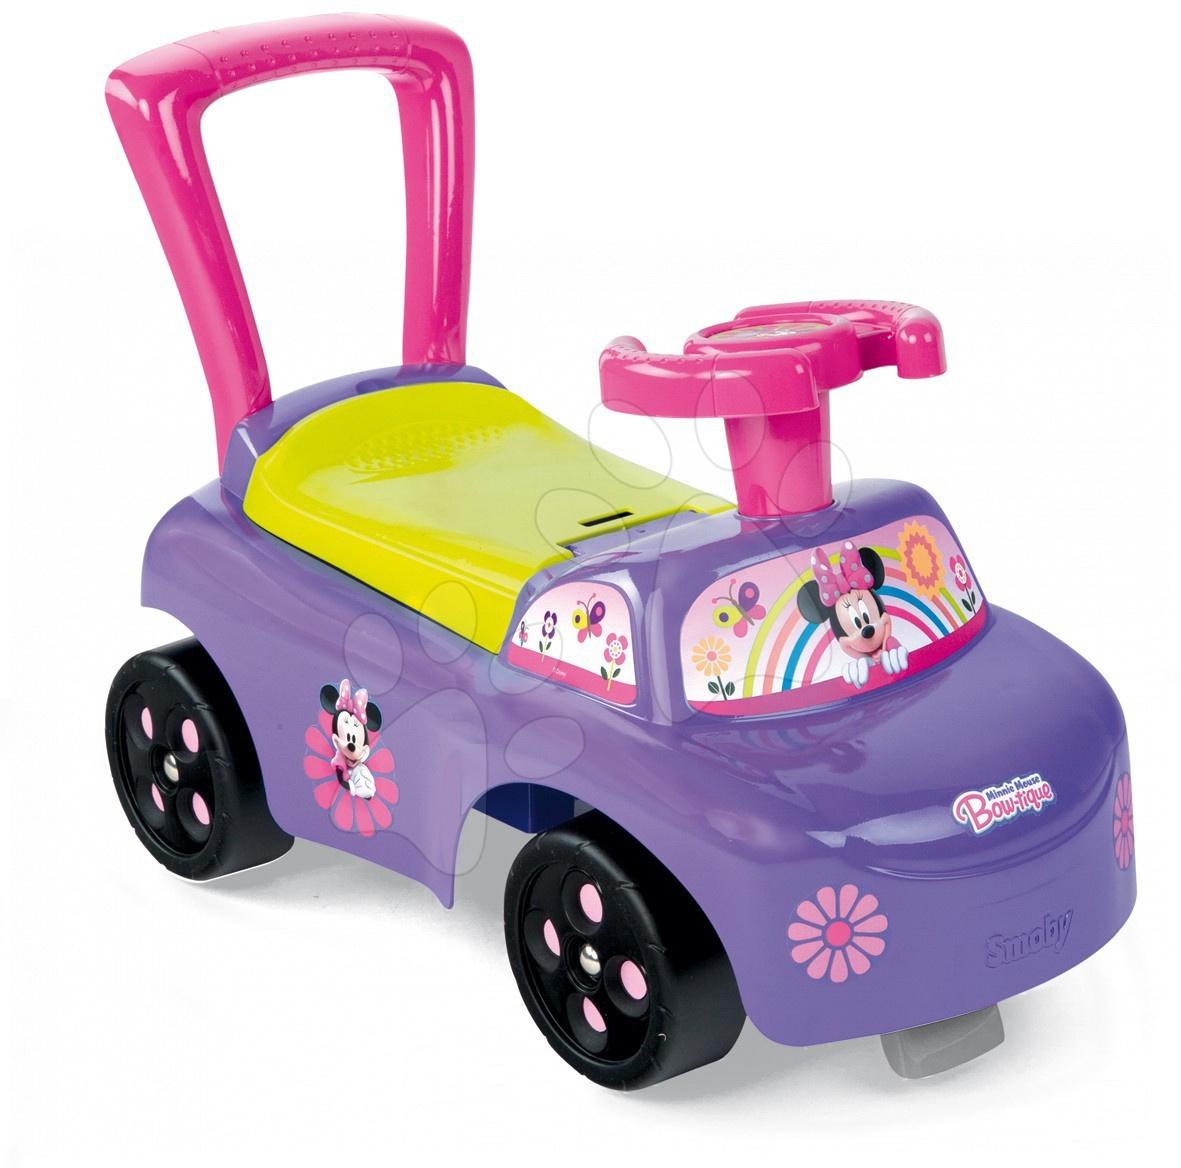 Auto odstrkovadlo Minnie Smoby fialové od 10 měsíců